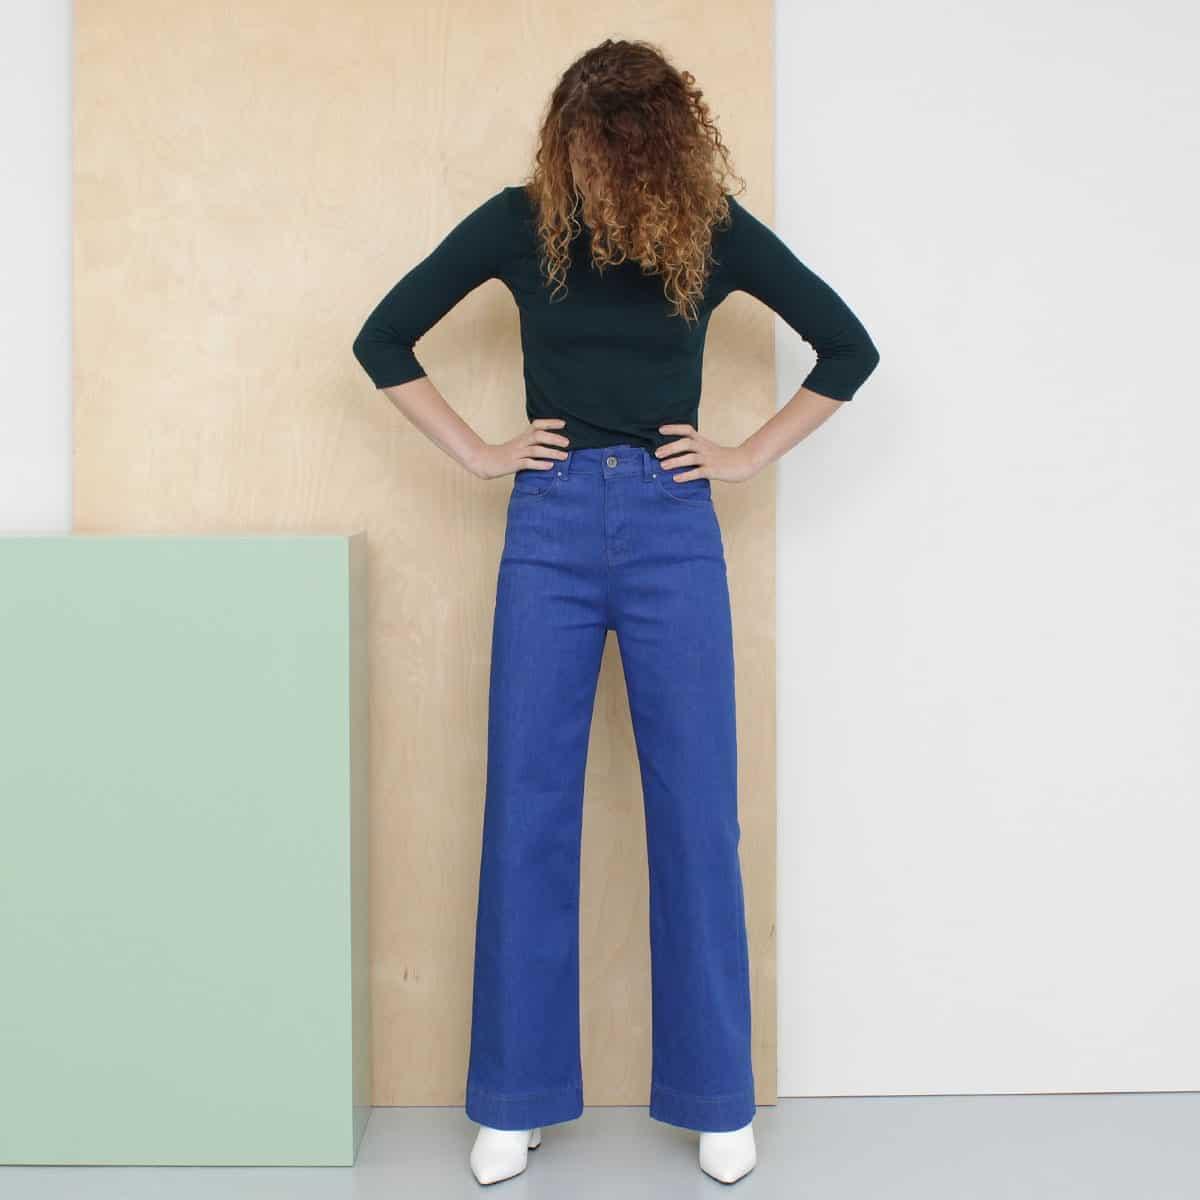 Duurzame spijkerbroeken merken Joline Jolink